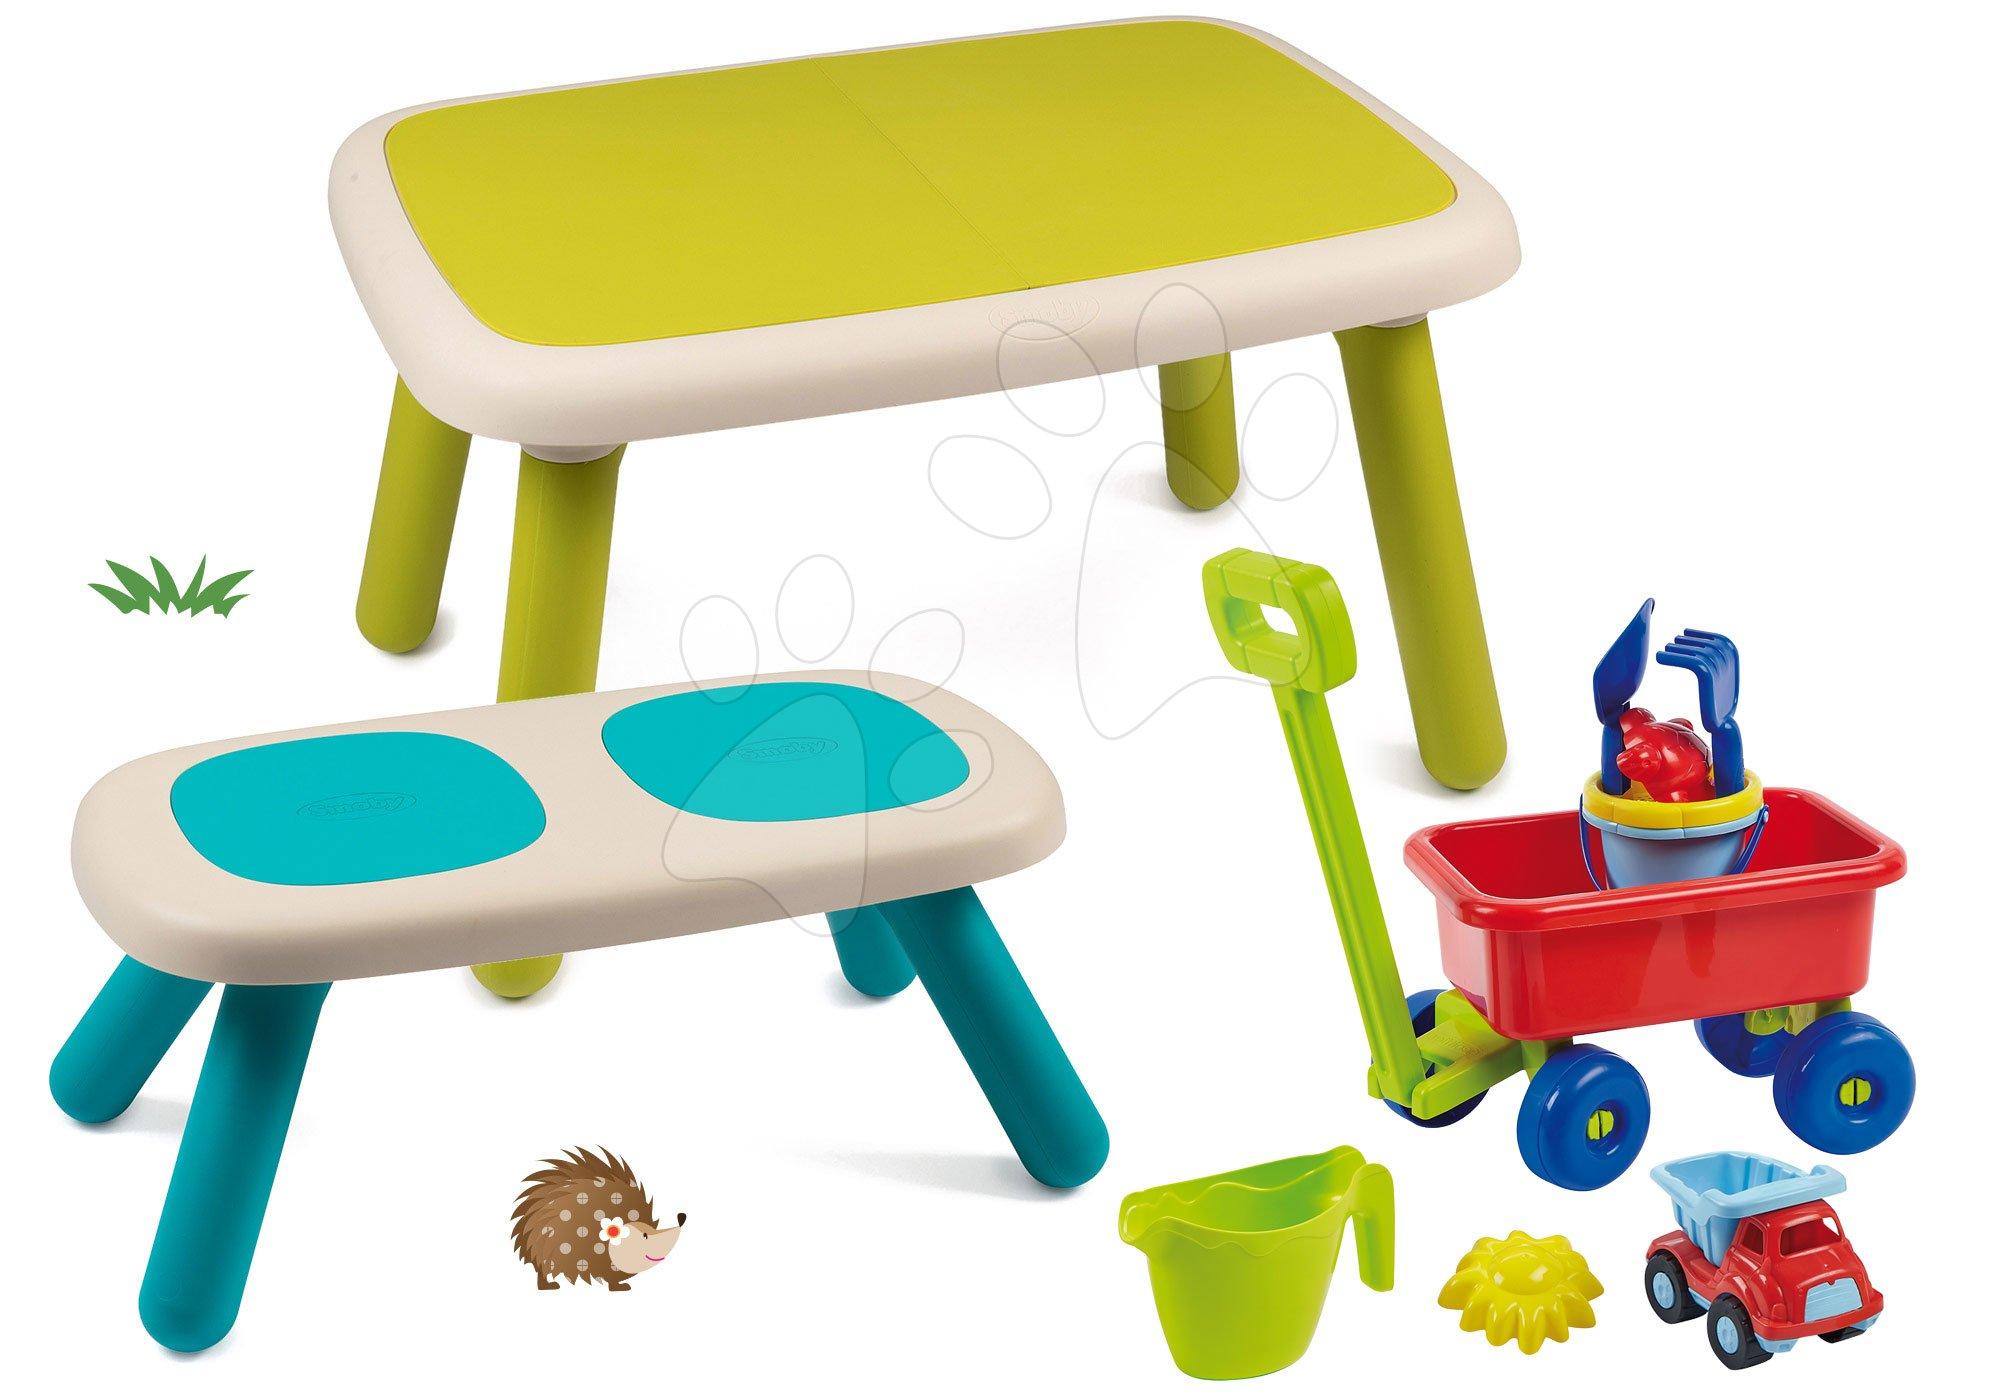 Set stôl pre deti KidTable zelený Smoby s lavicou s UV filtrom a vozíkom na ťahanie